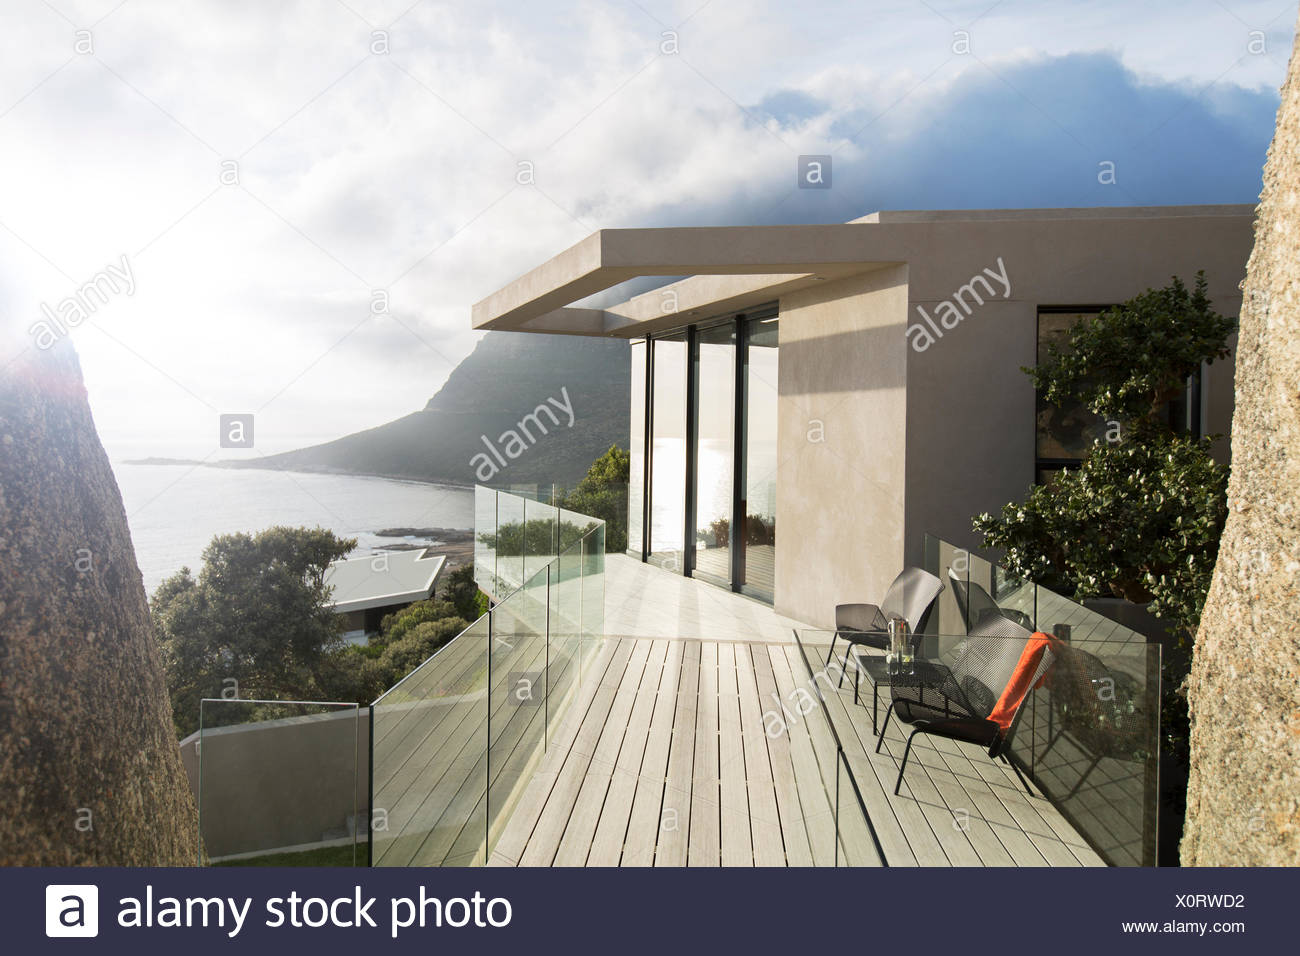 Balcon en bois de maison moderne Photo Stock